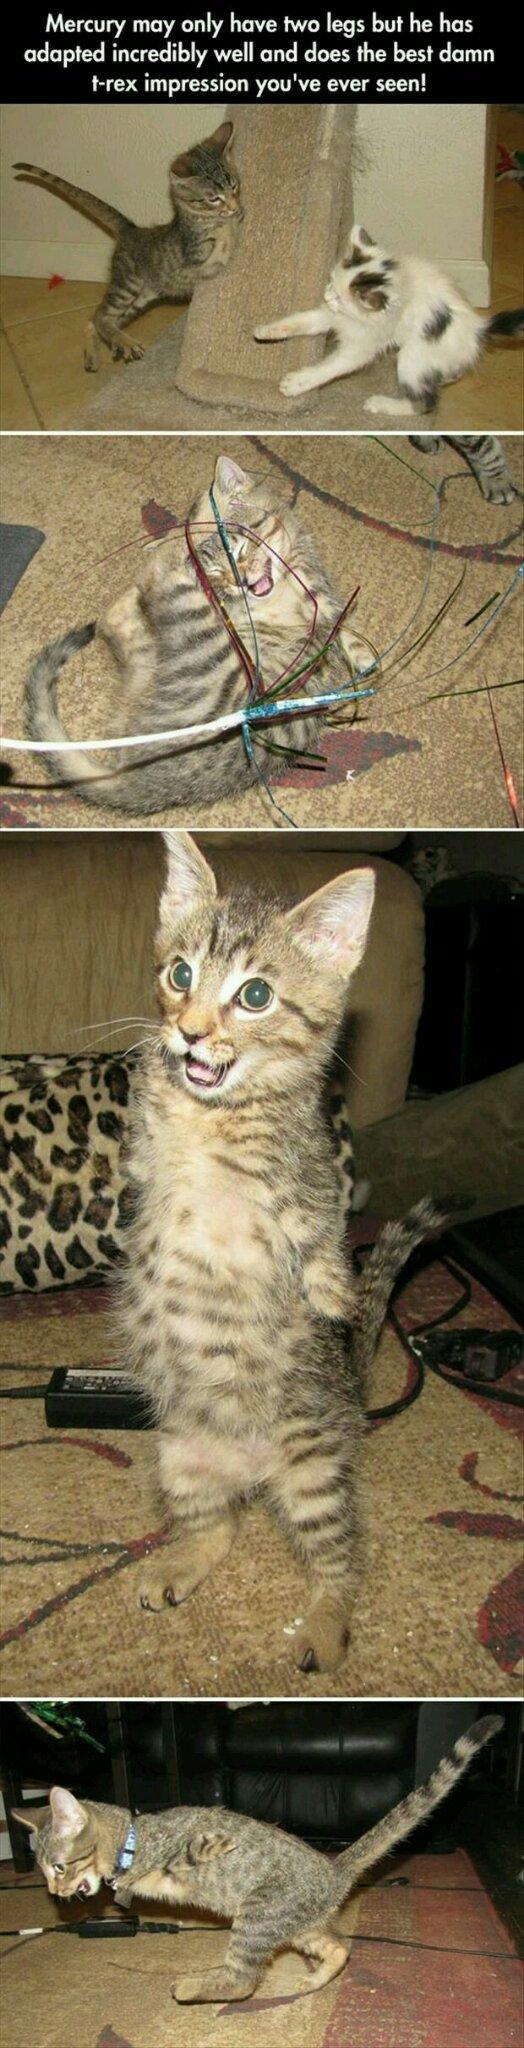 Here's a daily dose of cute cat - meme